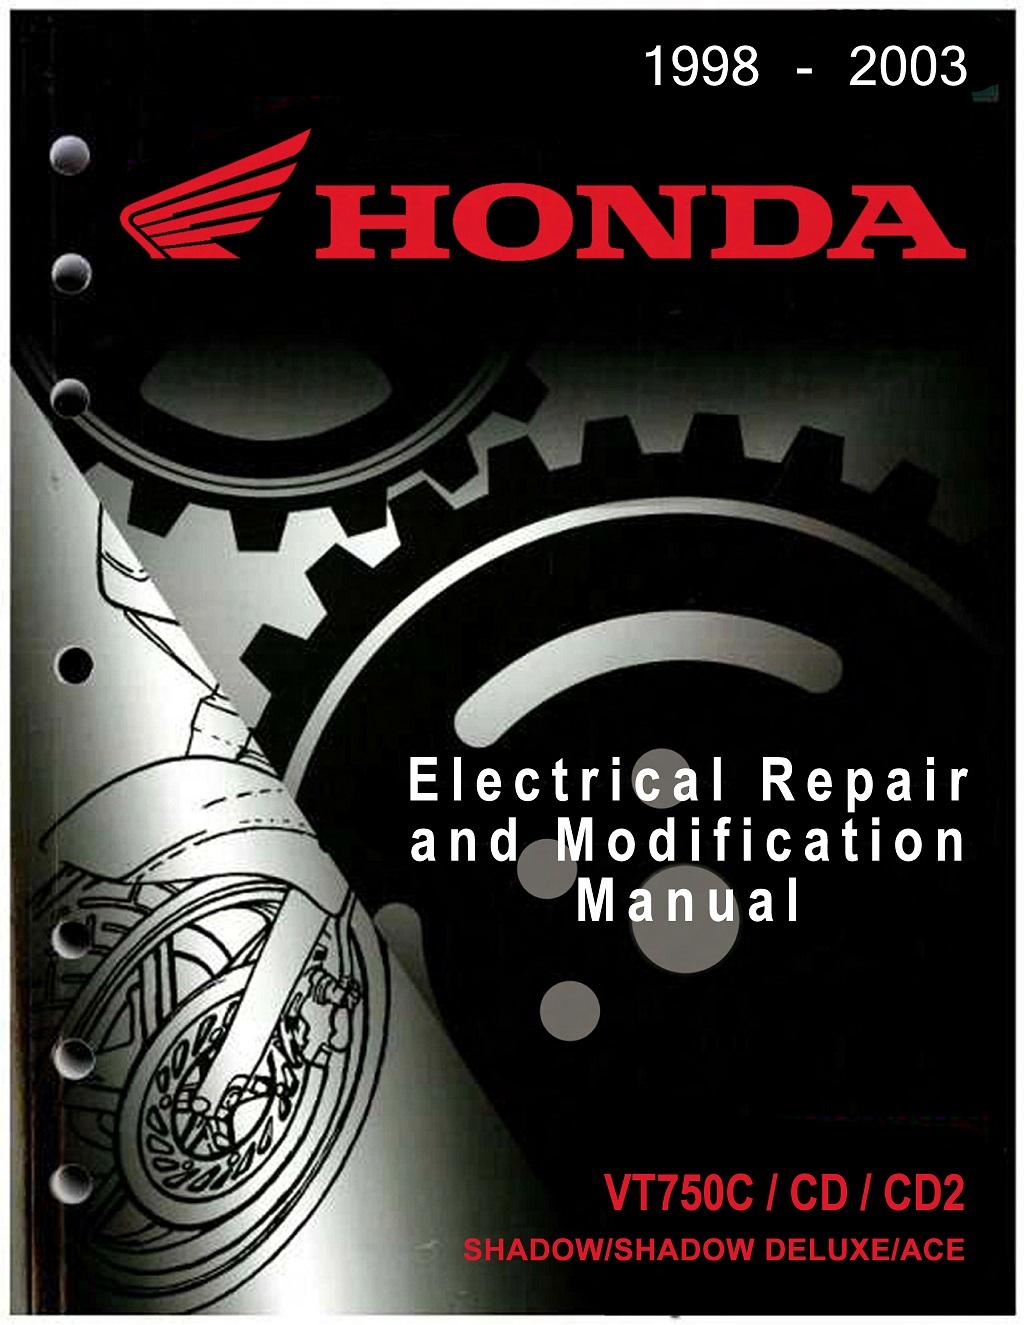 Workshop Manual for Honda VT750CD2 (1998-2003) Electrial Repair and Modification Manual